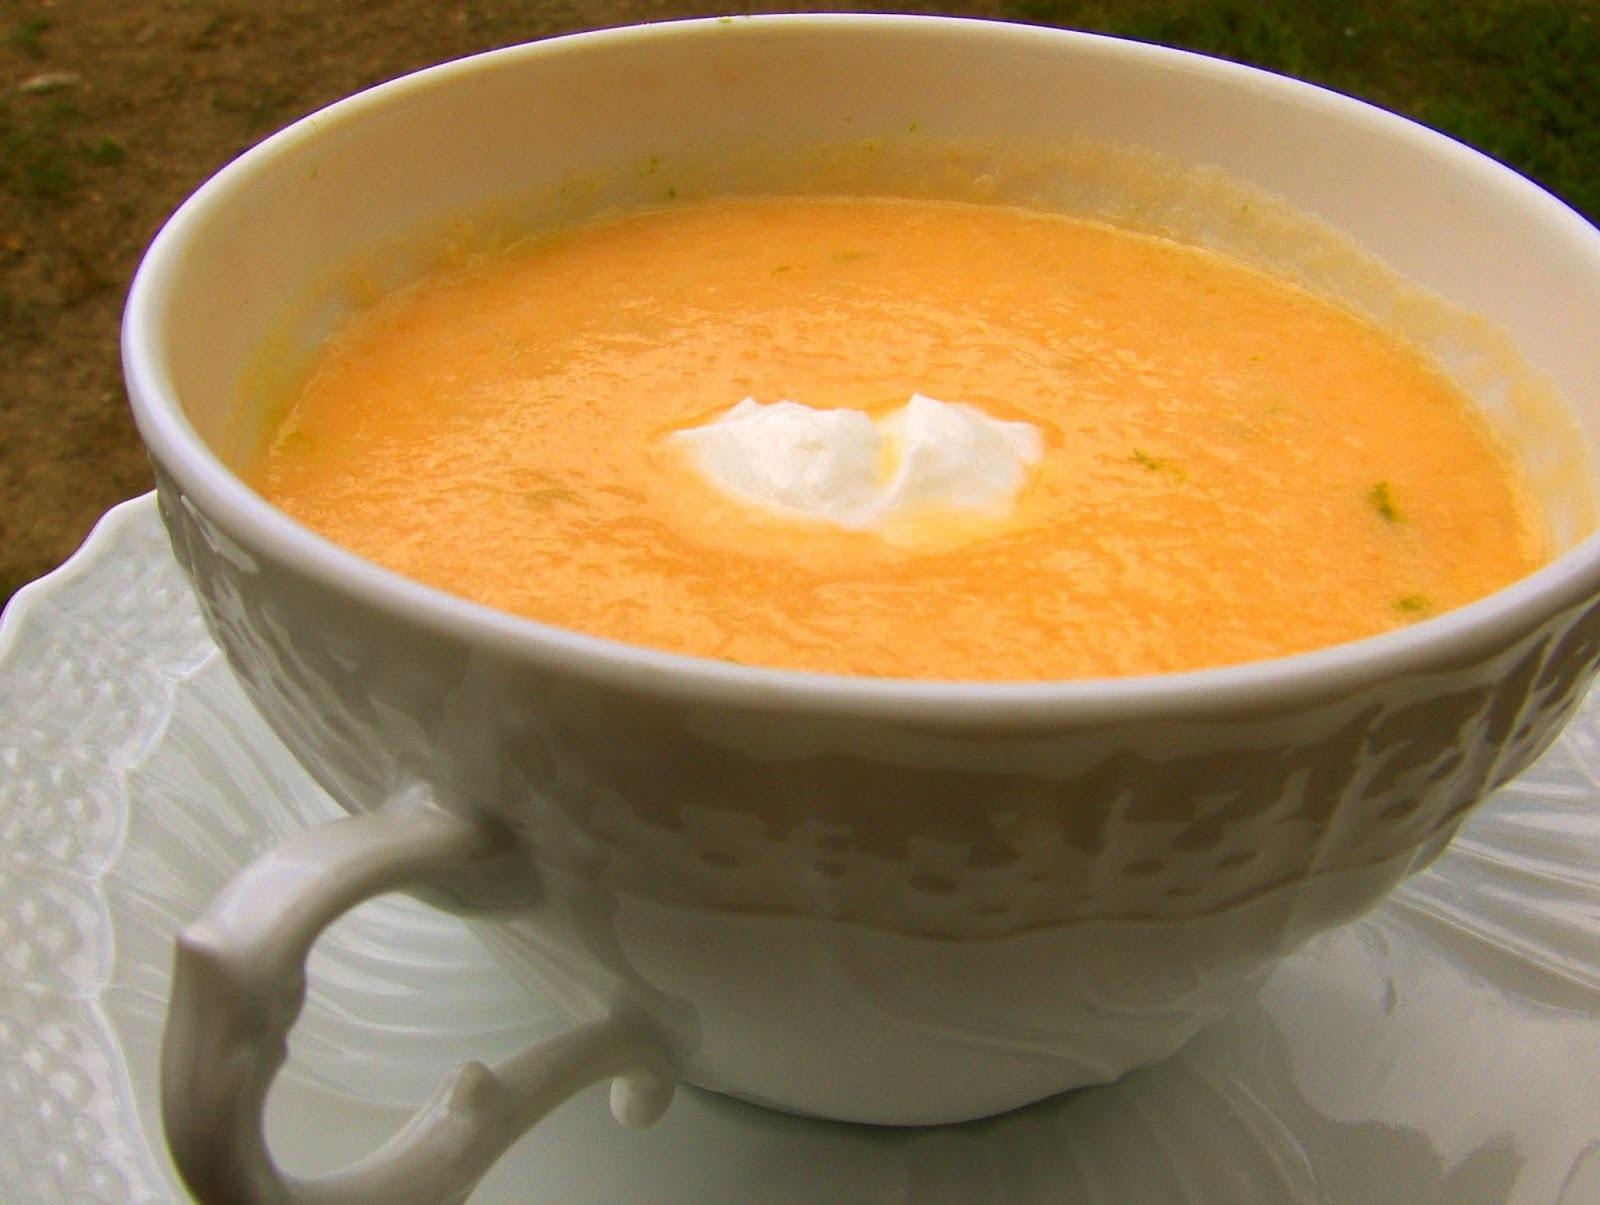 Sopa gourmet de meloa e licor beirão